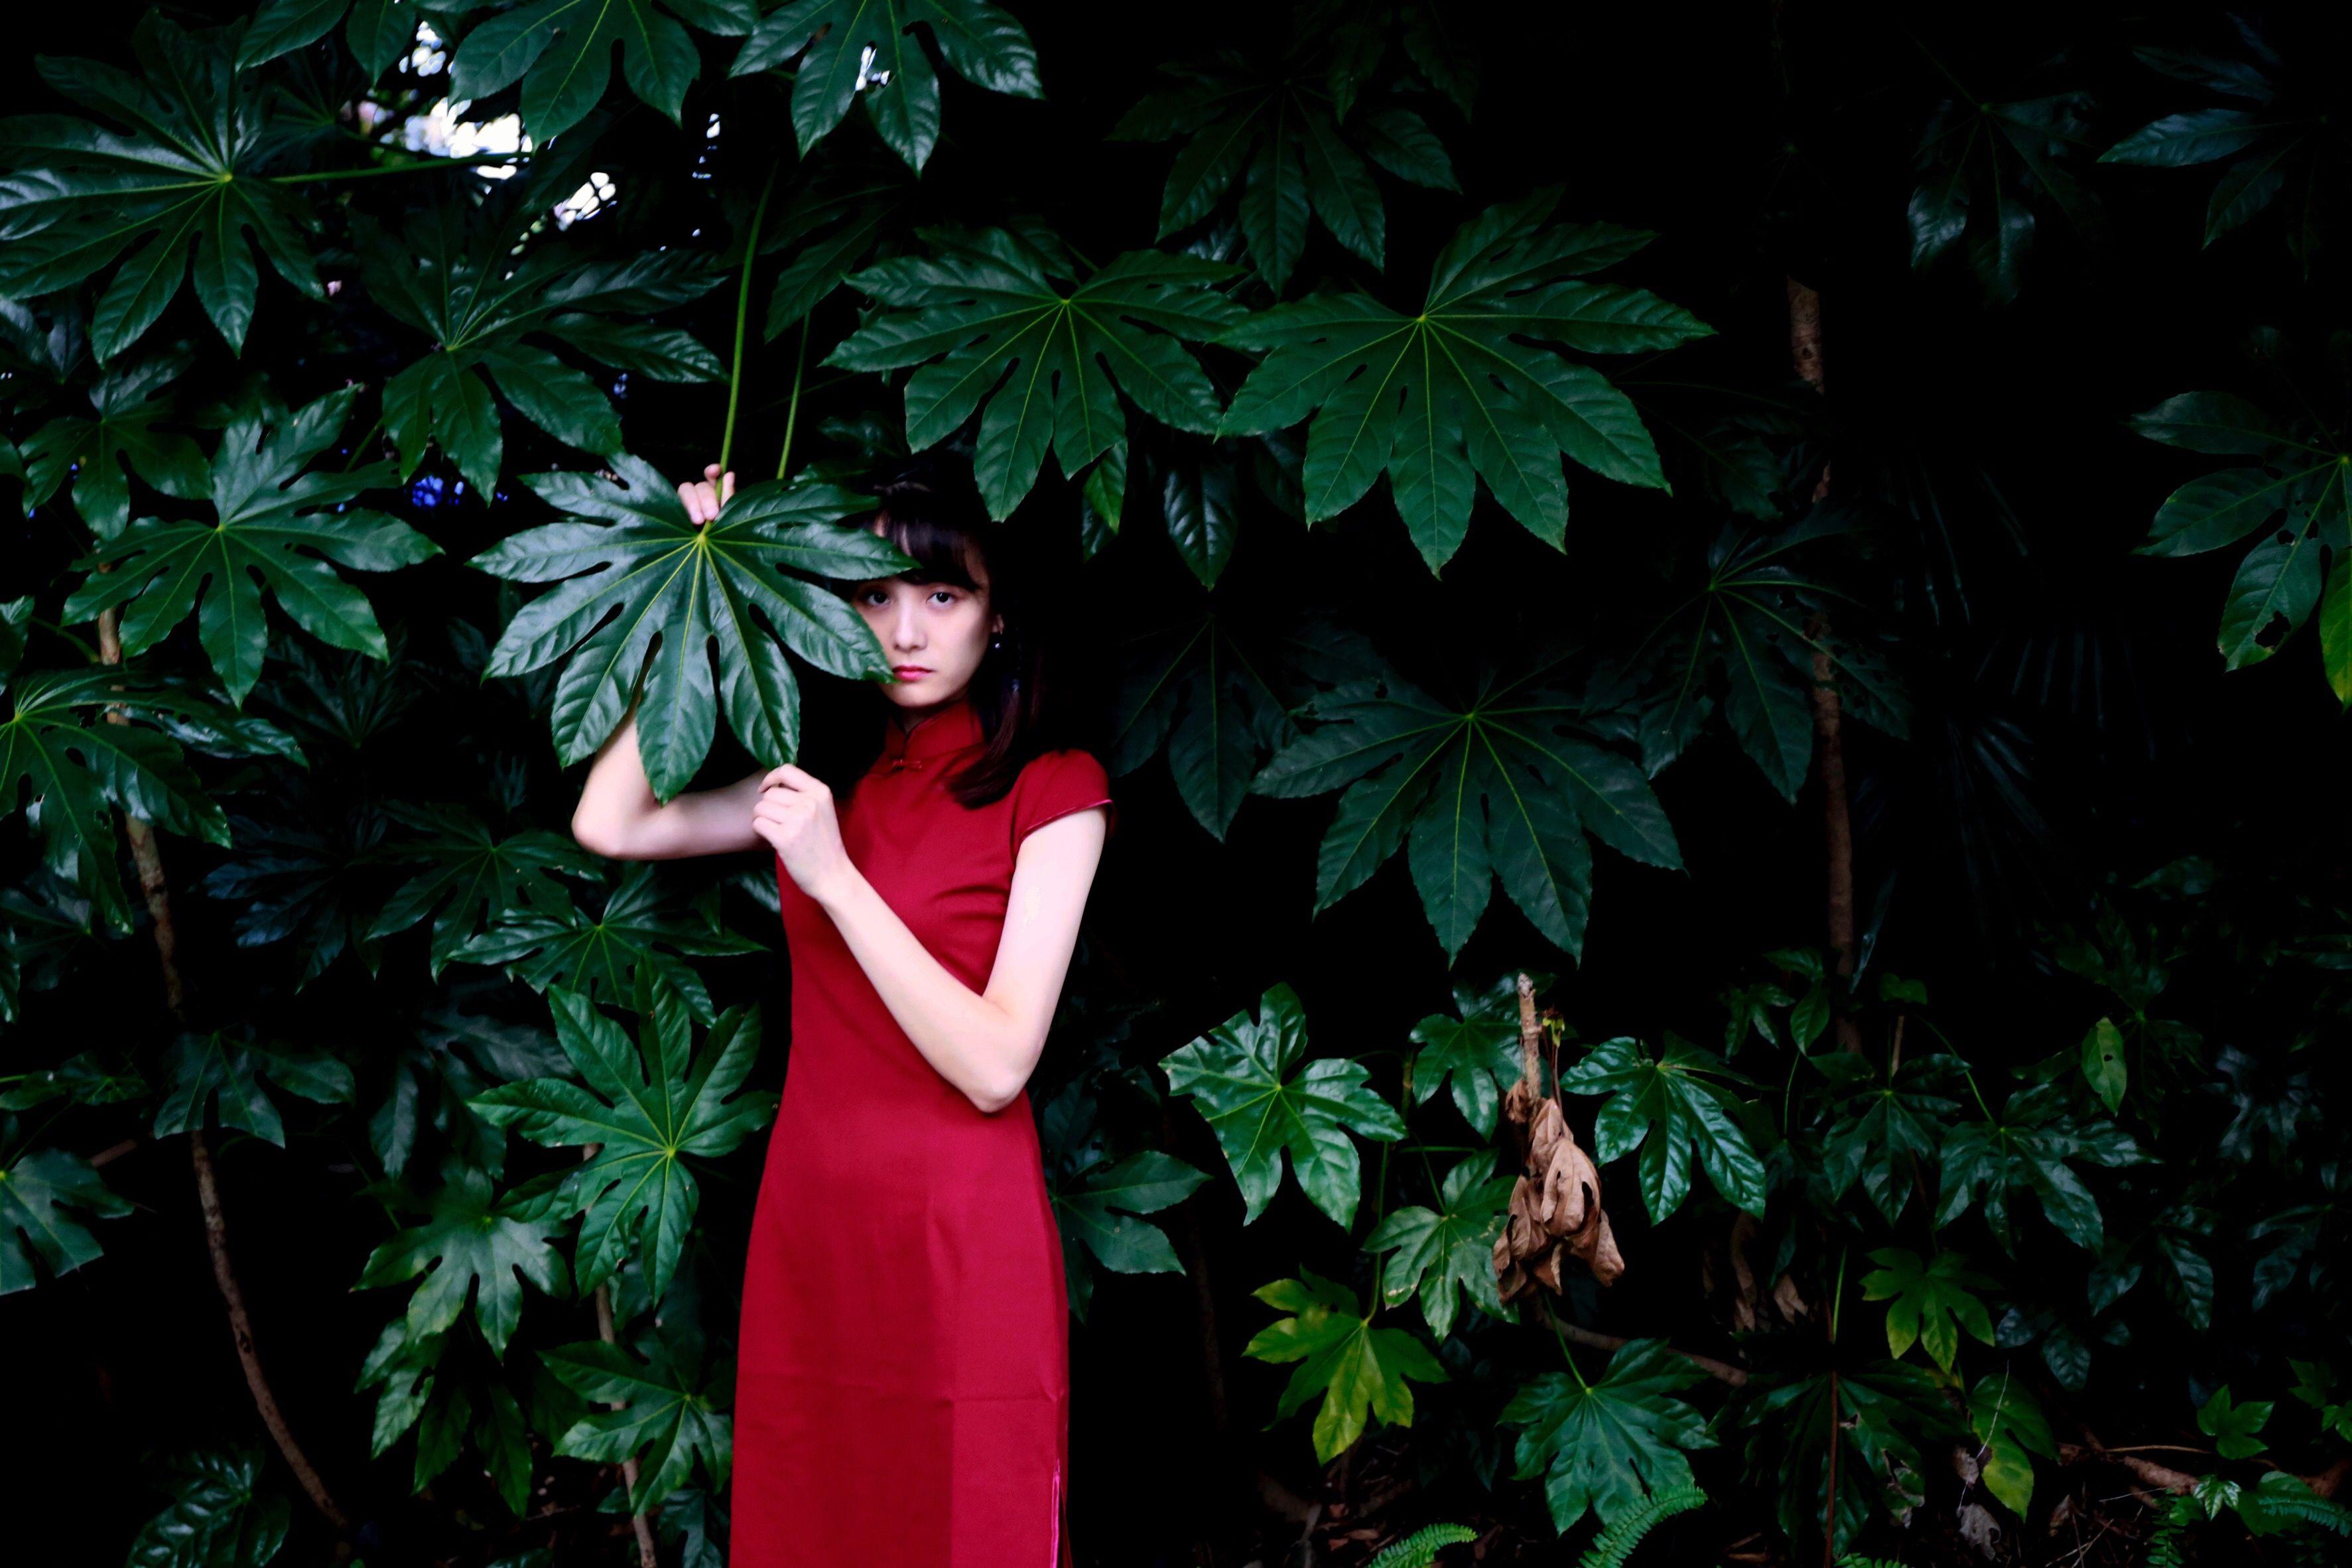 다음을 확인해보세요: mters's    이미지   #PicsArt 에서 무료로 직접 만들기  http://go.picsart.com/f1Fc/f7x4JMHjkx